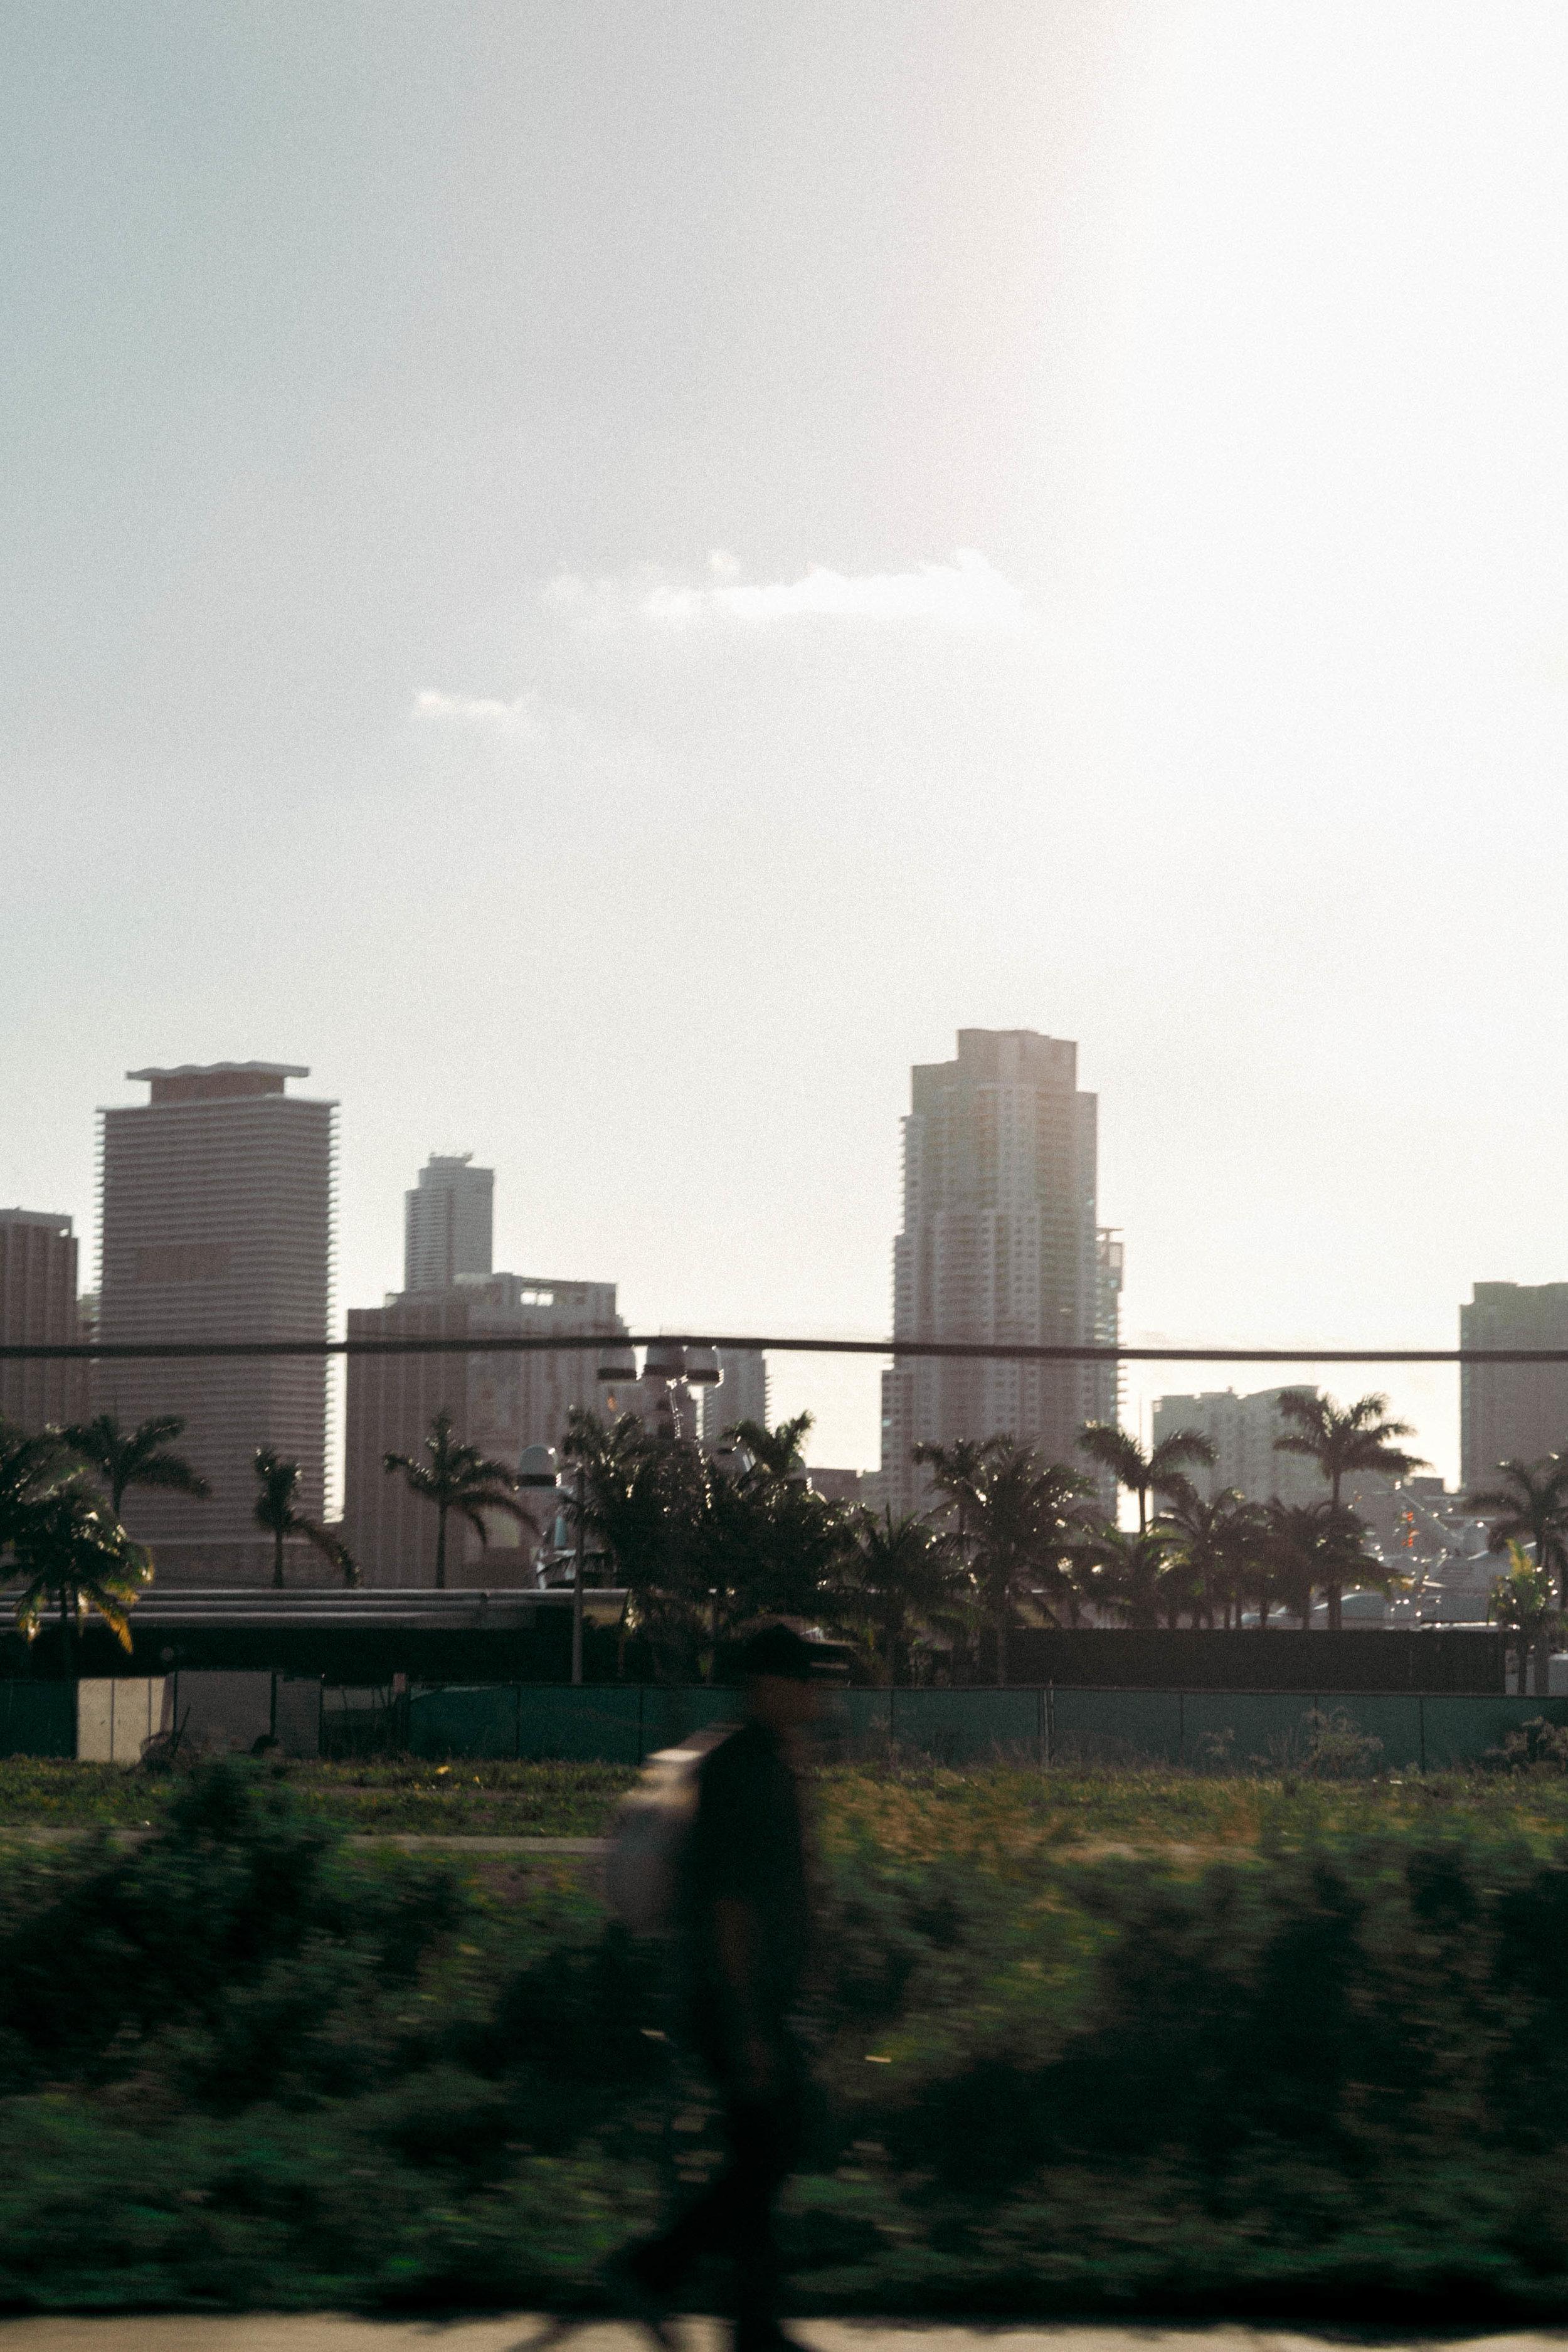 MIAMI - EST 2015